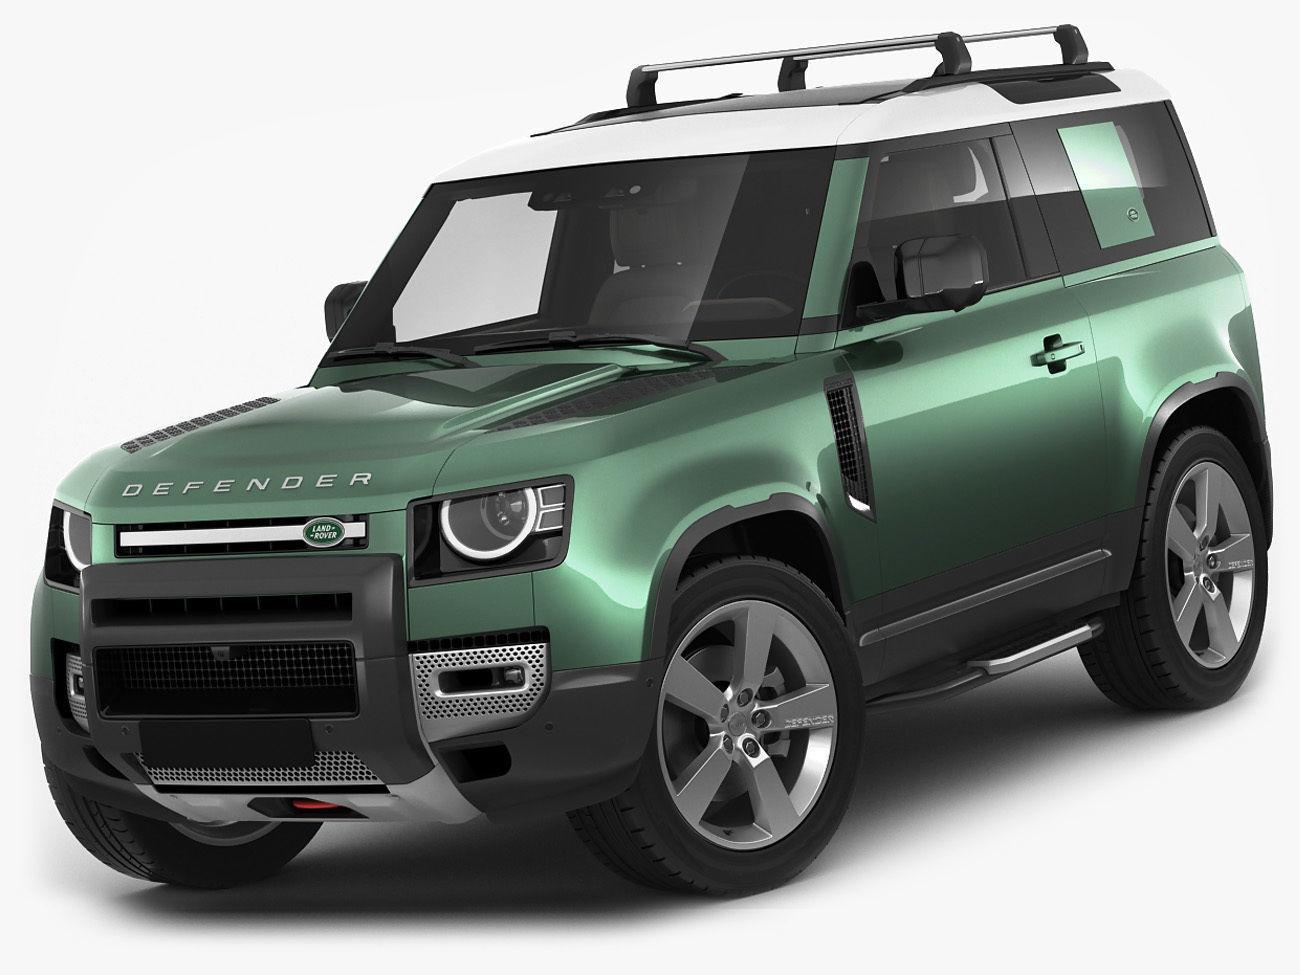 land rover defender 90 2020 3d model cgtrader. Black Bedroom Furniture Sets. Home Design Ideas